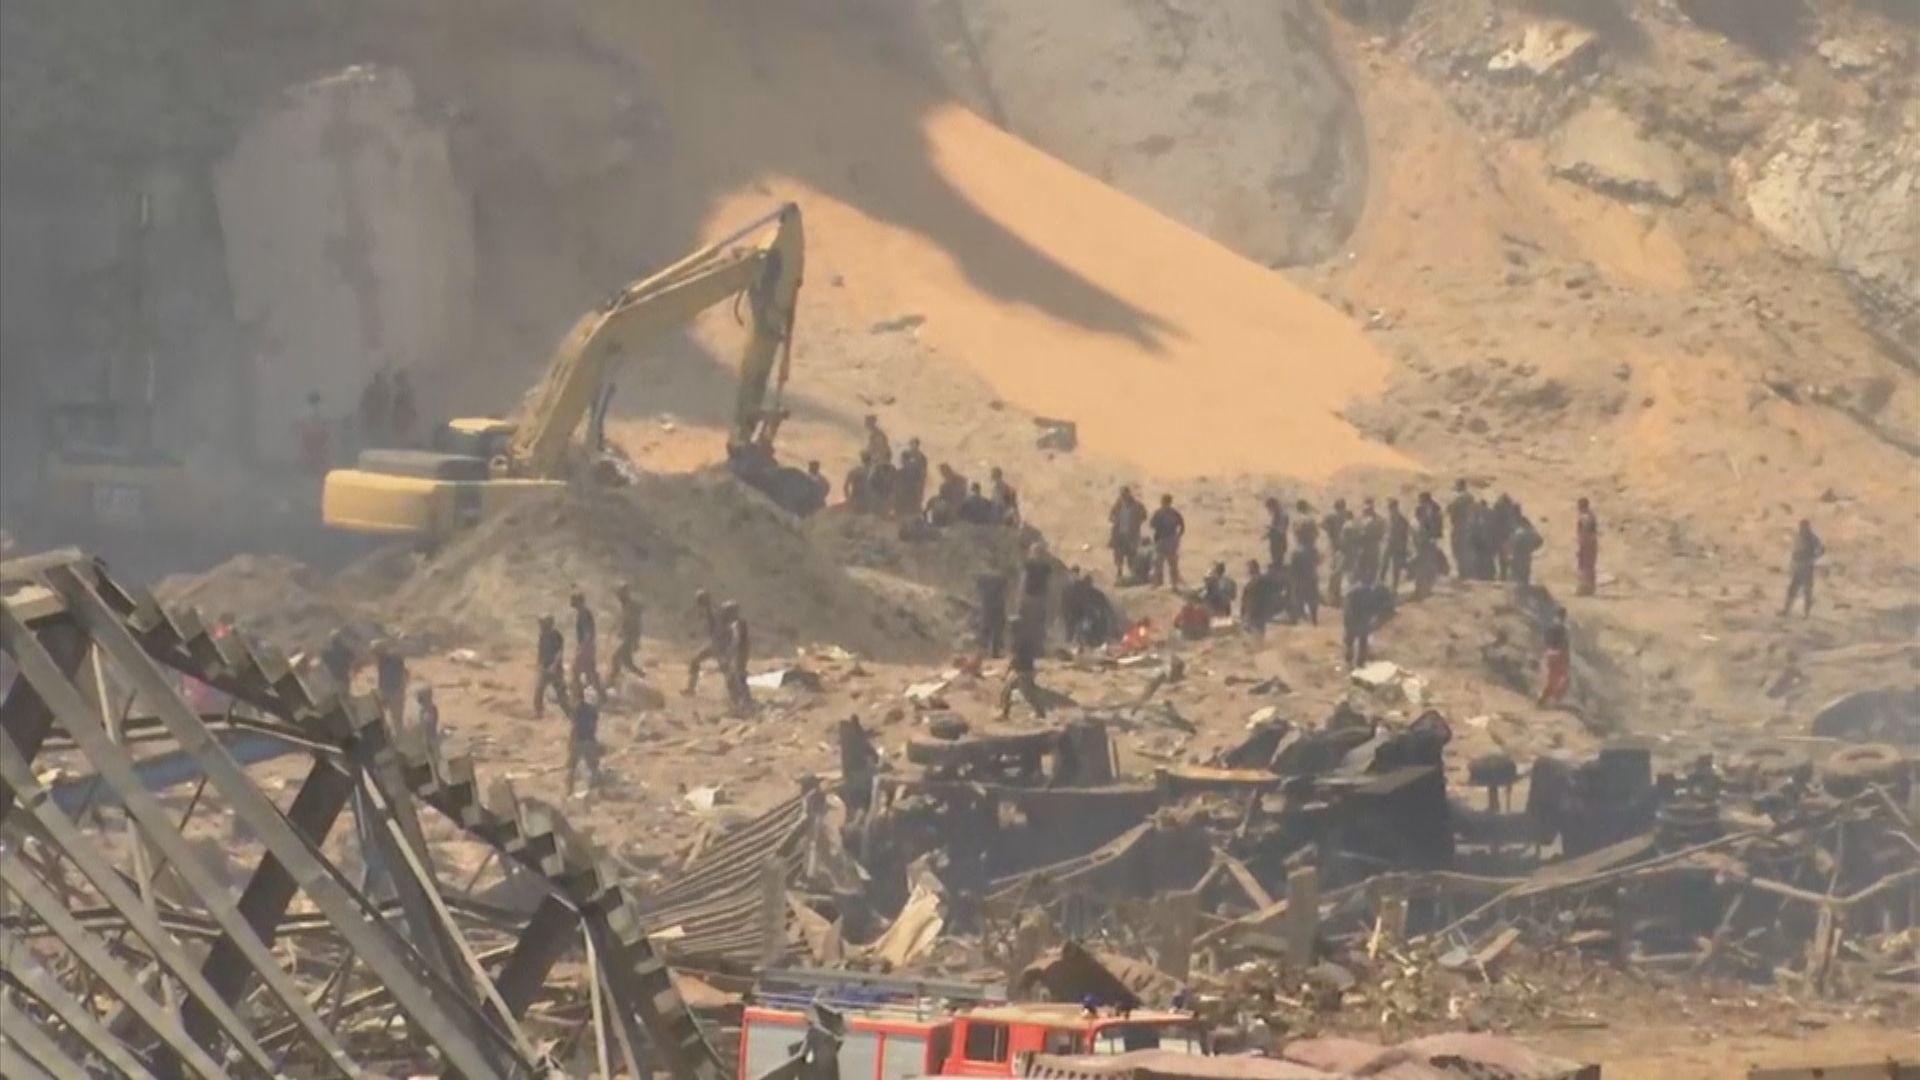 貝魯特大爆炸釀135死逾五千傷 當局展開調查及軟禁港口官員